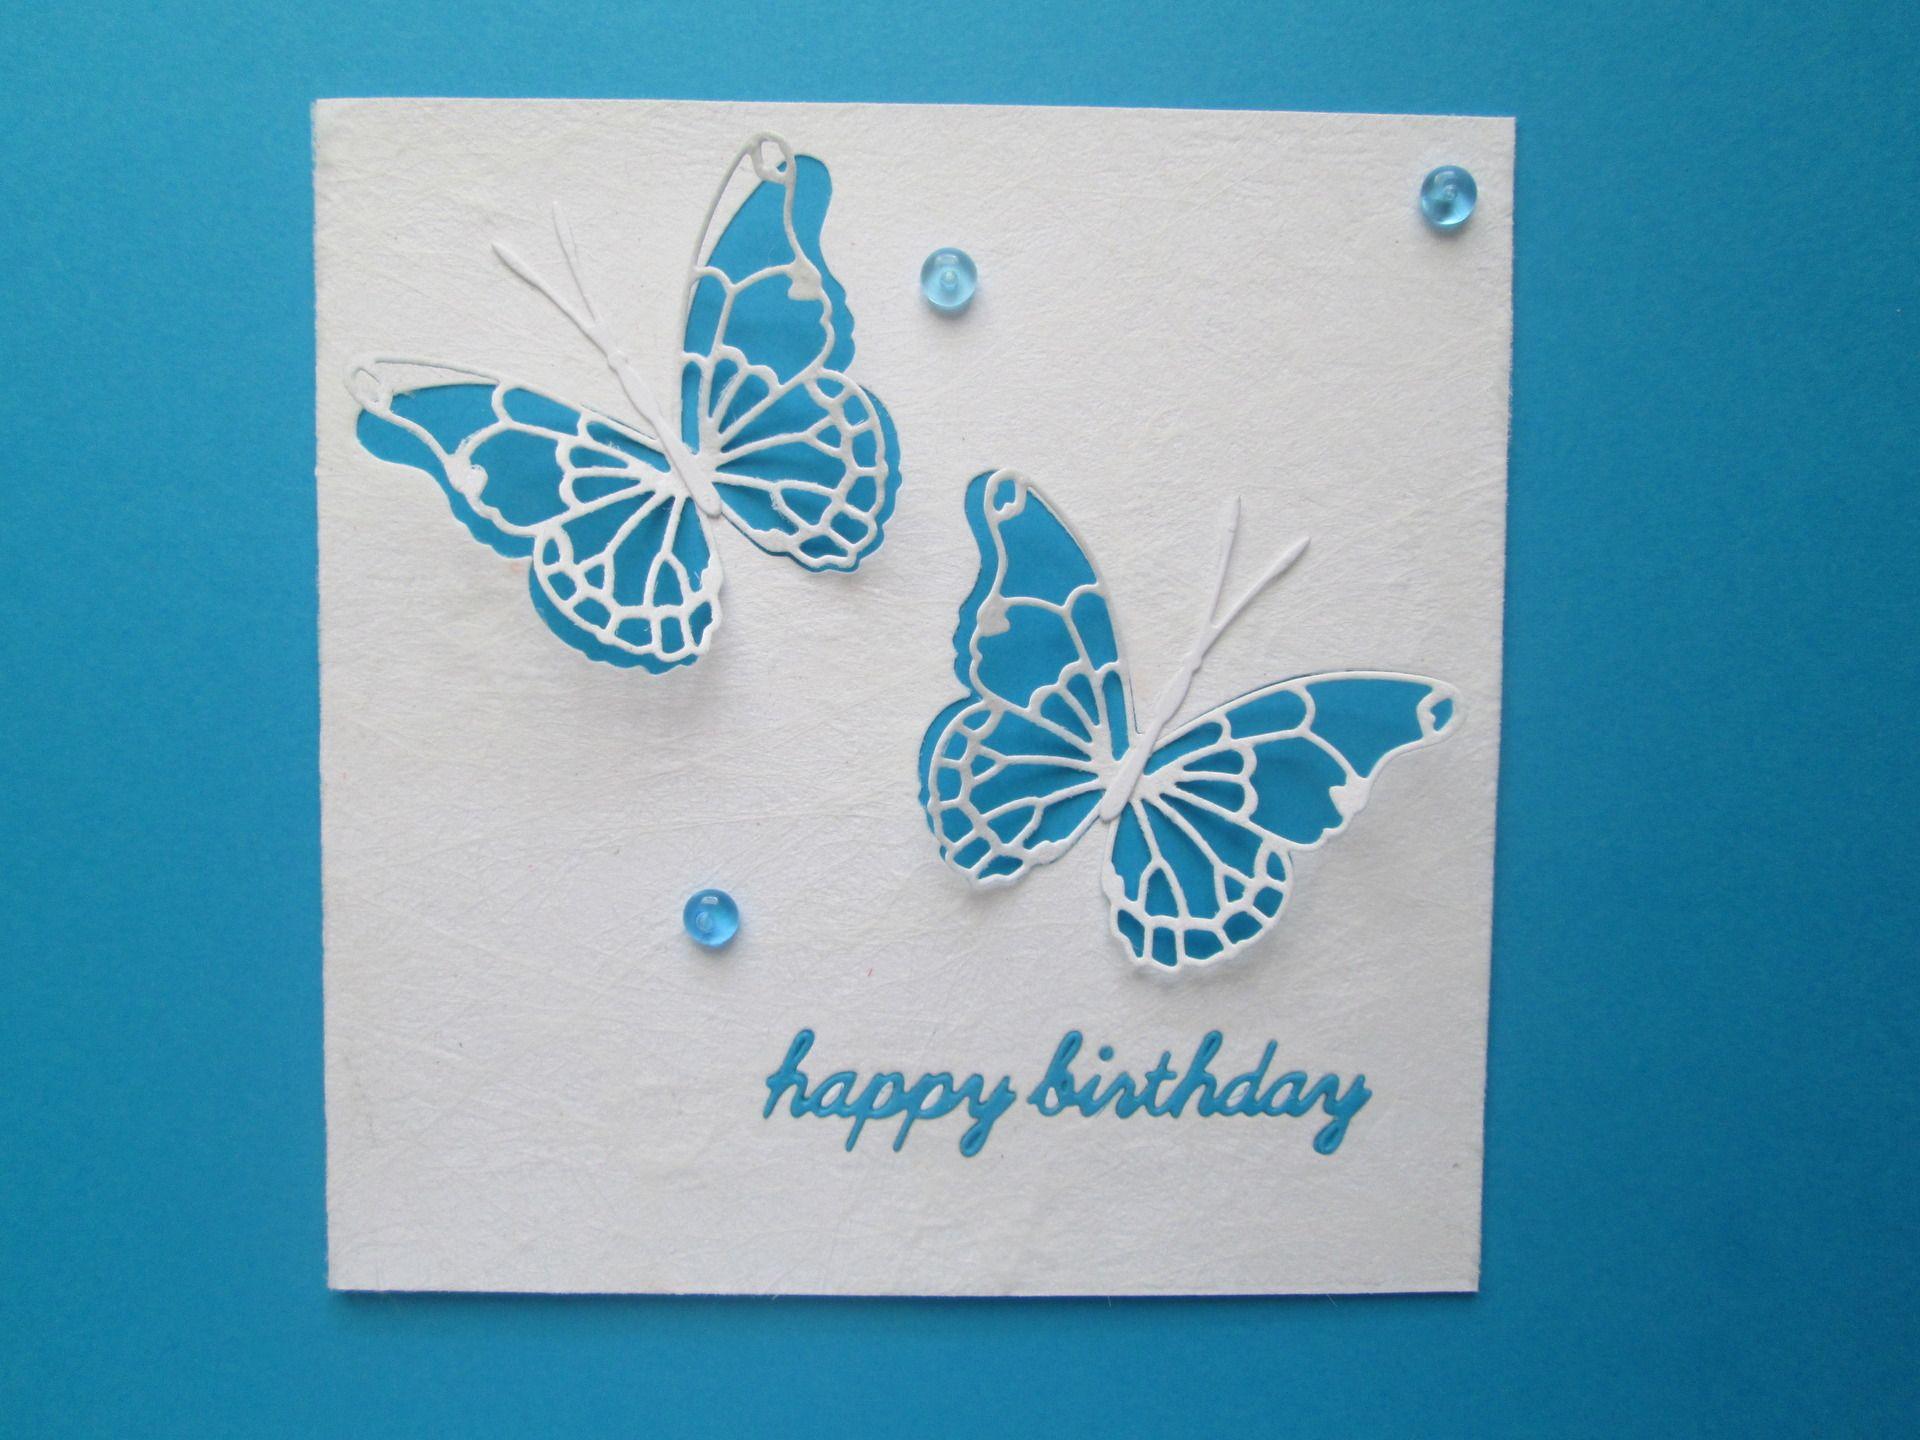 Carte scrapbooking anniversaire 100 fait main cartes par les petits papiers de marie achats - Carte anniversaire fait main ...